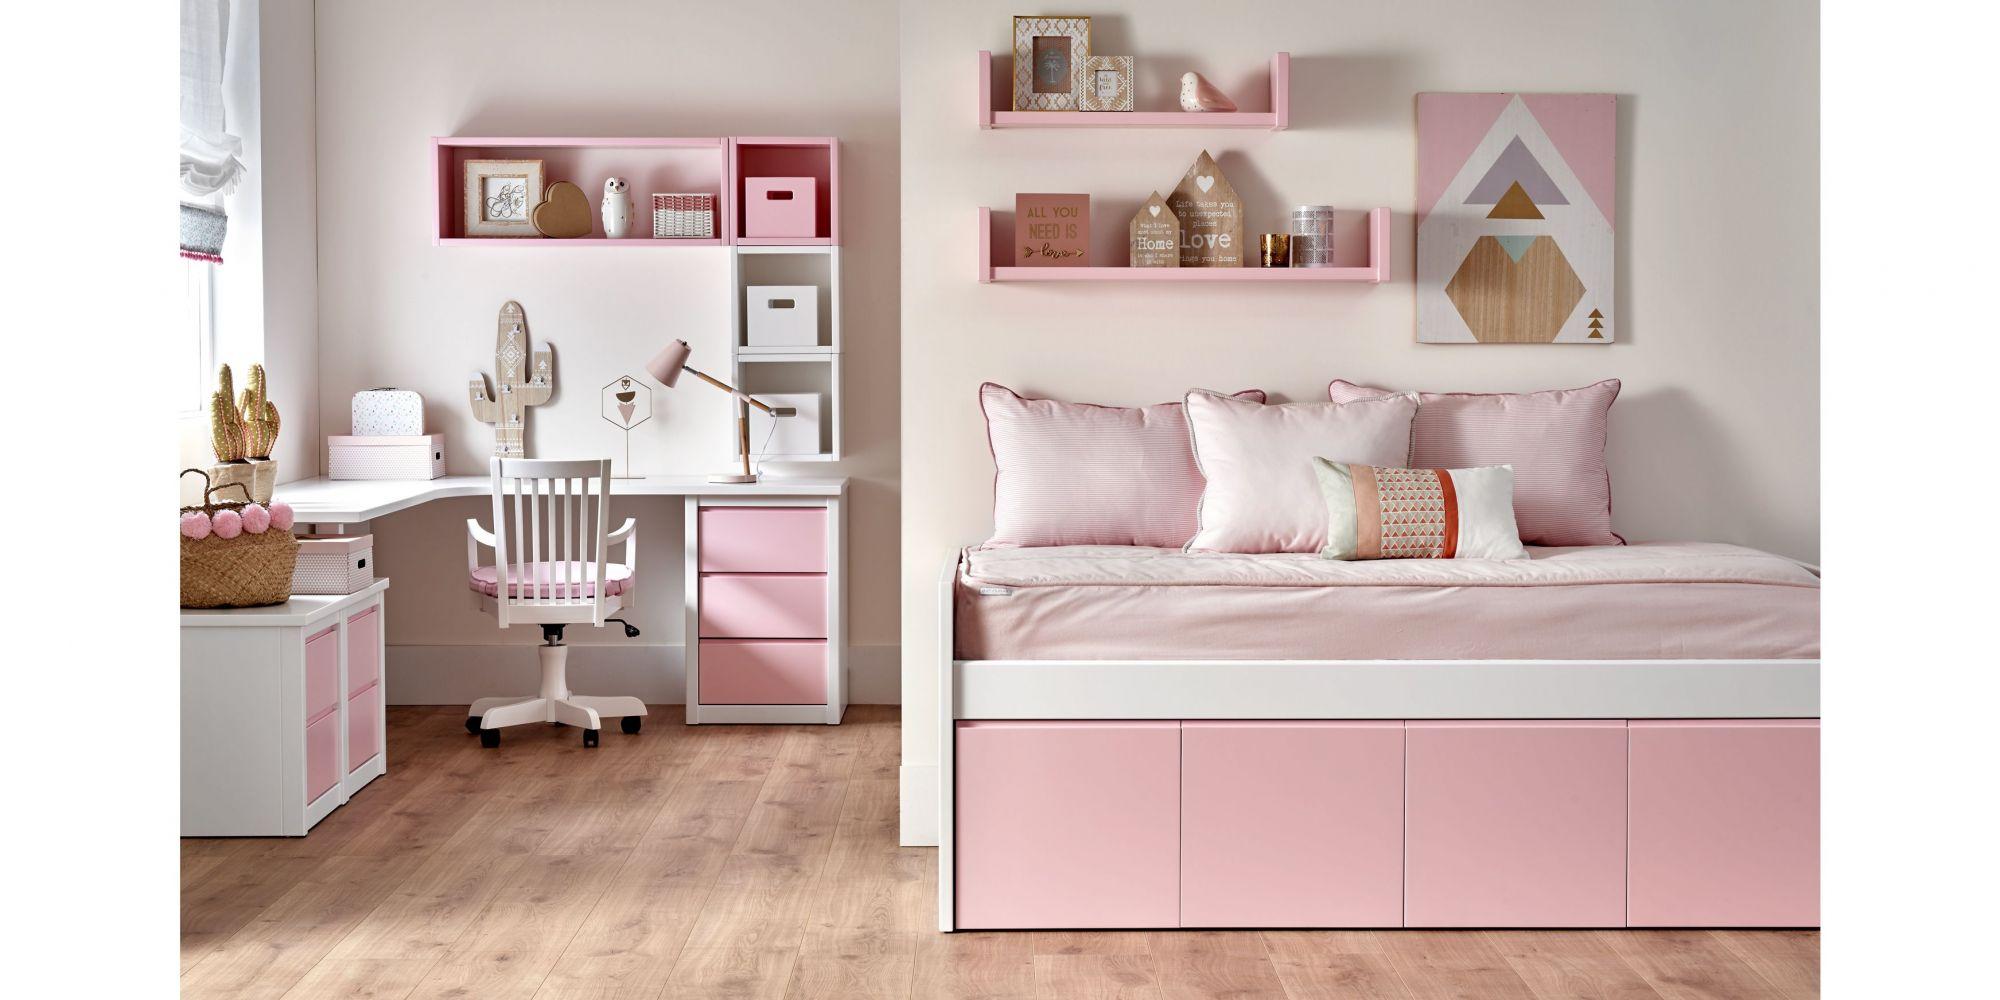 Nido juguetero para habitaciones infantiles | Mueble Juvenil